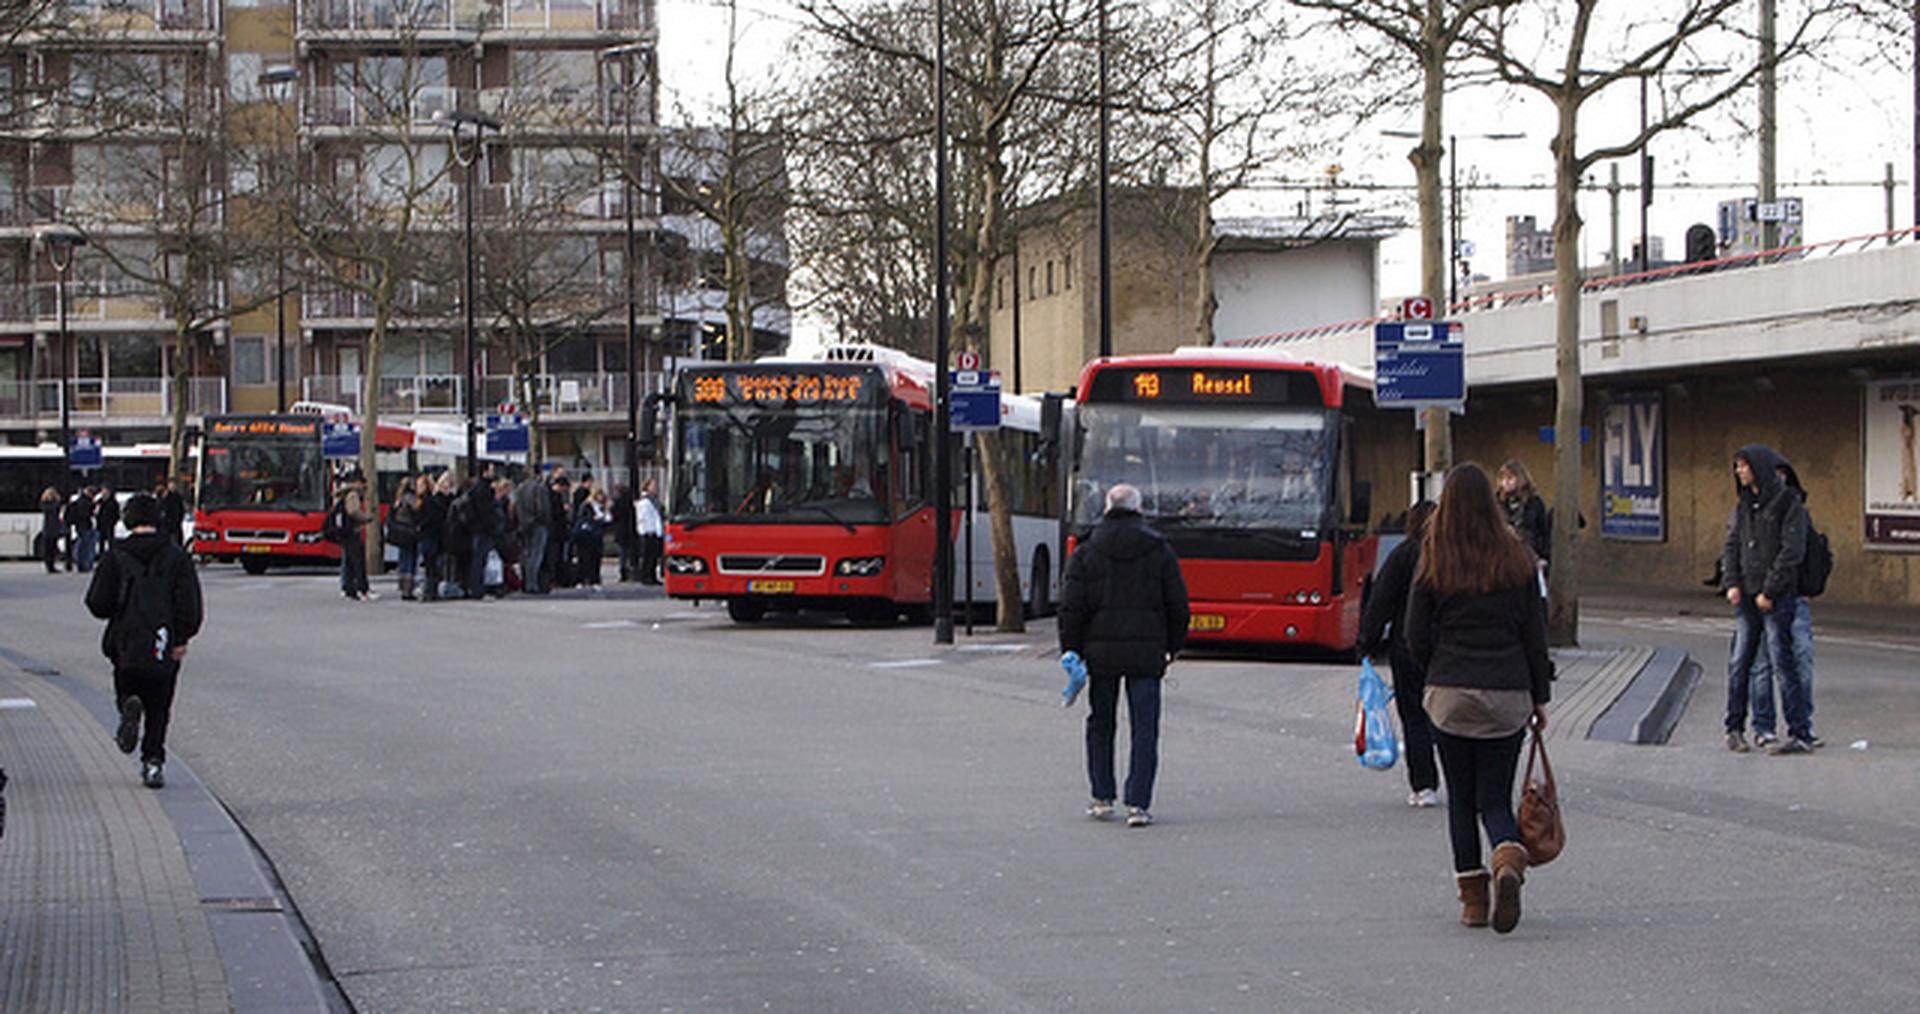 loon buschauffeur 2017